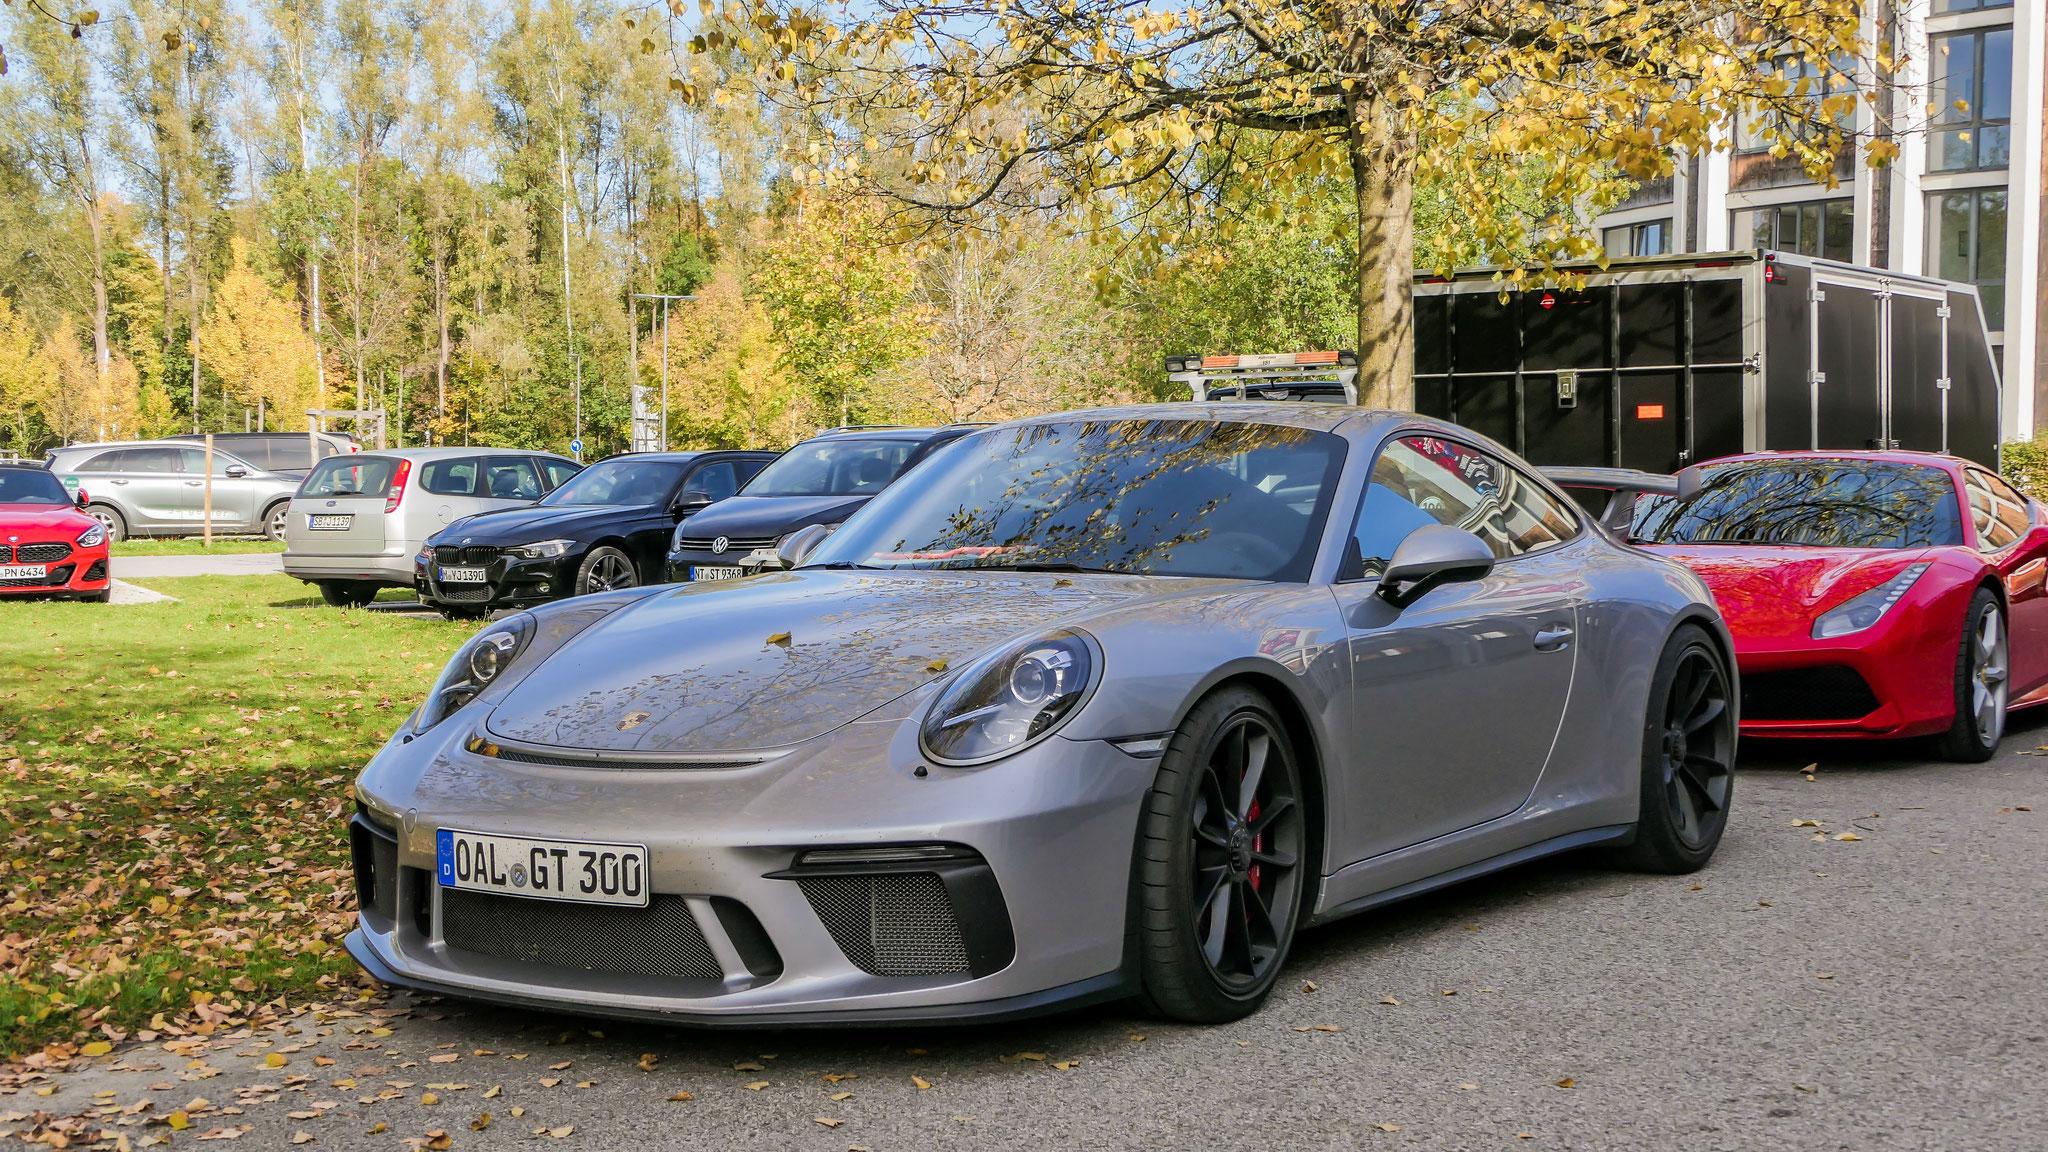 Porsche 991 GT3 - OAL-GT-300